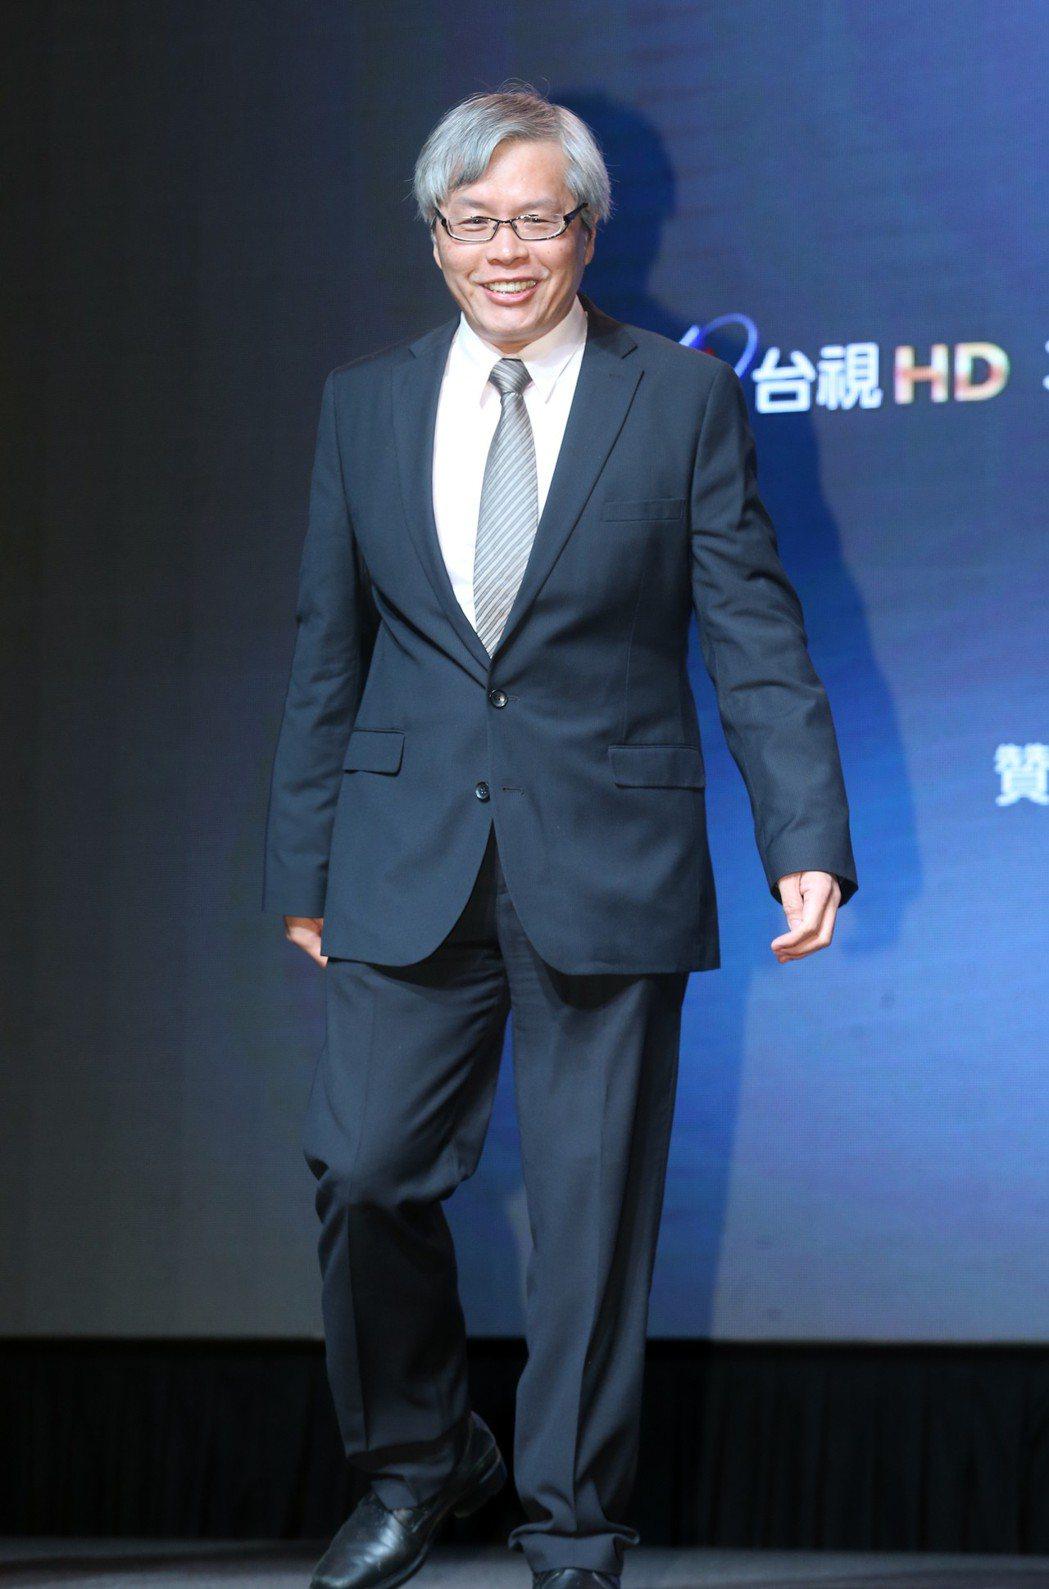 台劇「1006的房客」舉辦首映會,歐銻銻娛樂董事長范立達出席為新戲宣傳。記者許正...